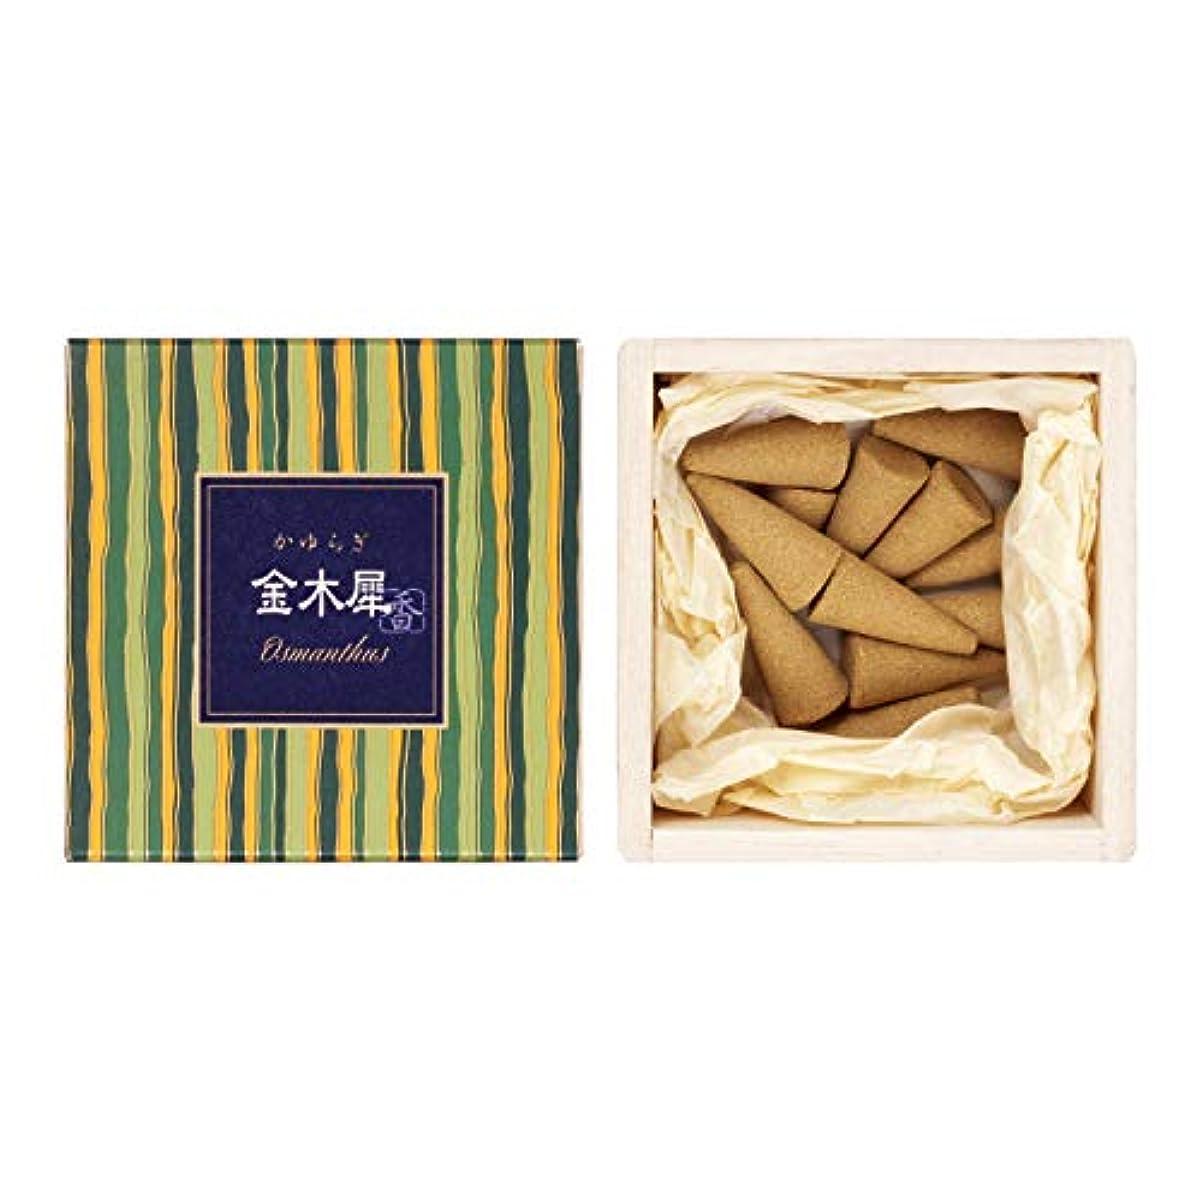 チョコレート円形の試みかゆらぎ 金木犀 コーン12個入 香立付